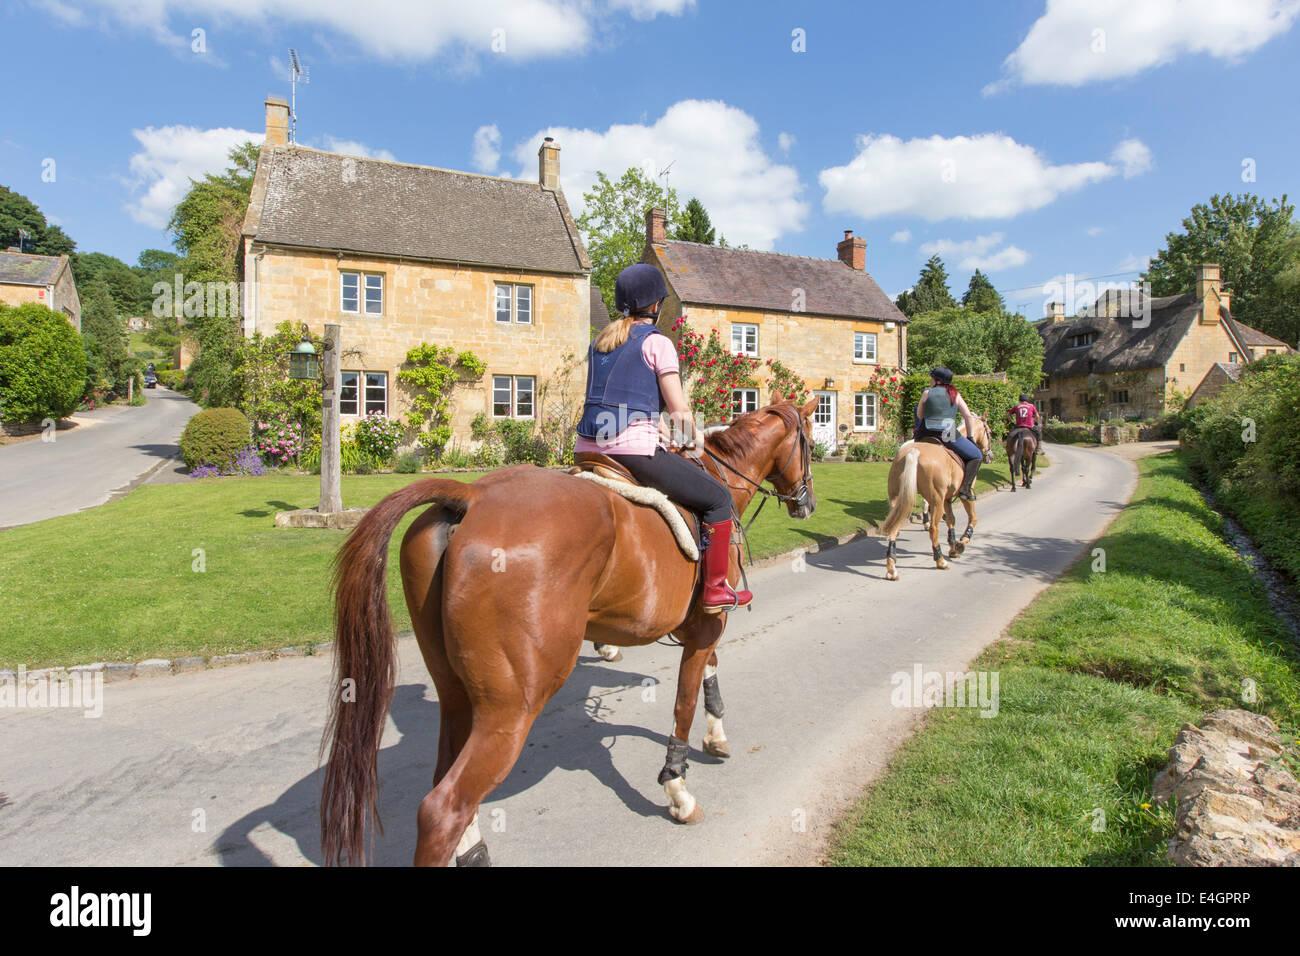 L'équitation dans le village de Cotswold Stanton, Gloucestershire, England, UK Photo Stock